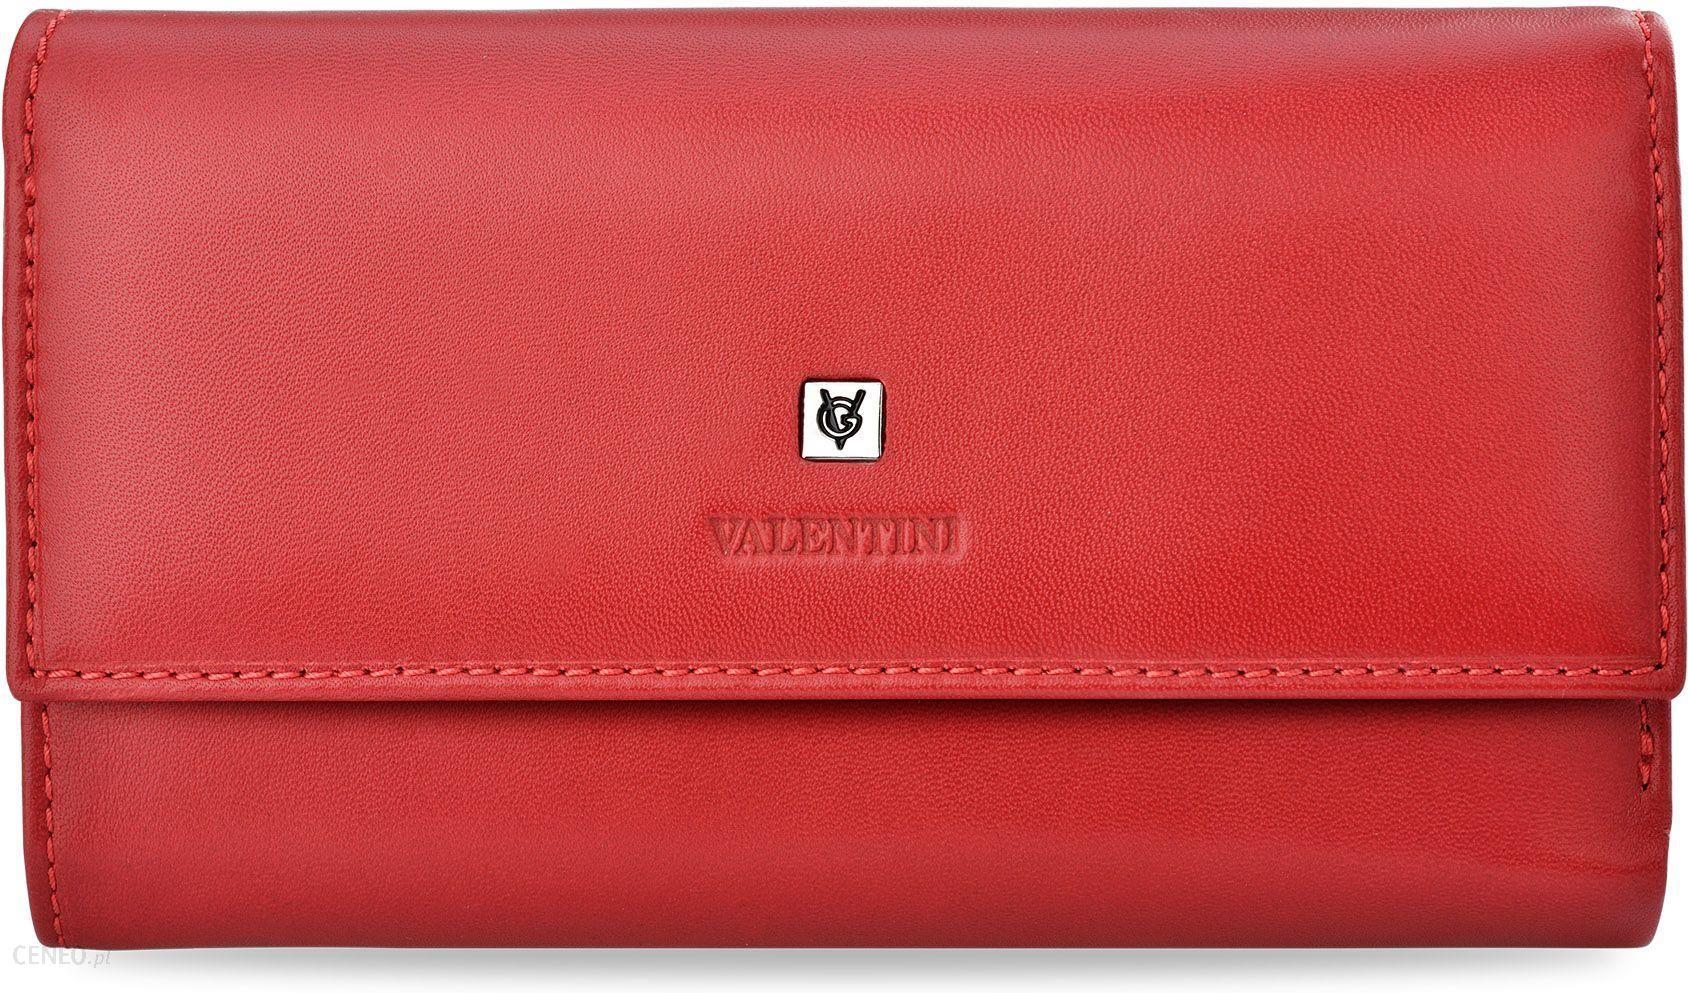 b7eae47c02e91 Pojemny portfel damski valentini duża portmonetka kopertówka miękka skóra  naturalna - czerwony - zdjęcie 1